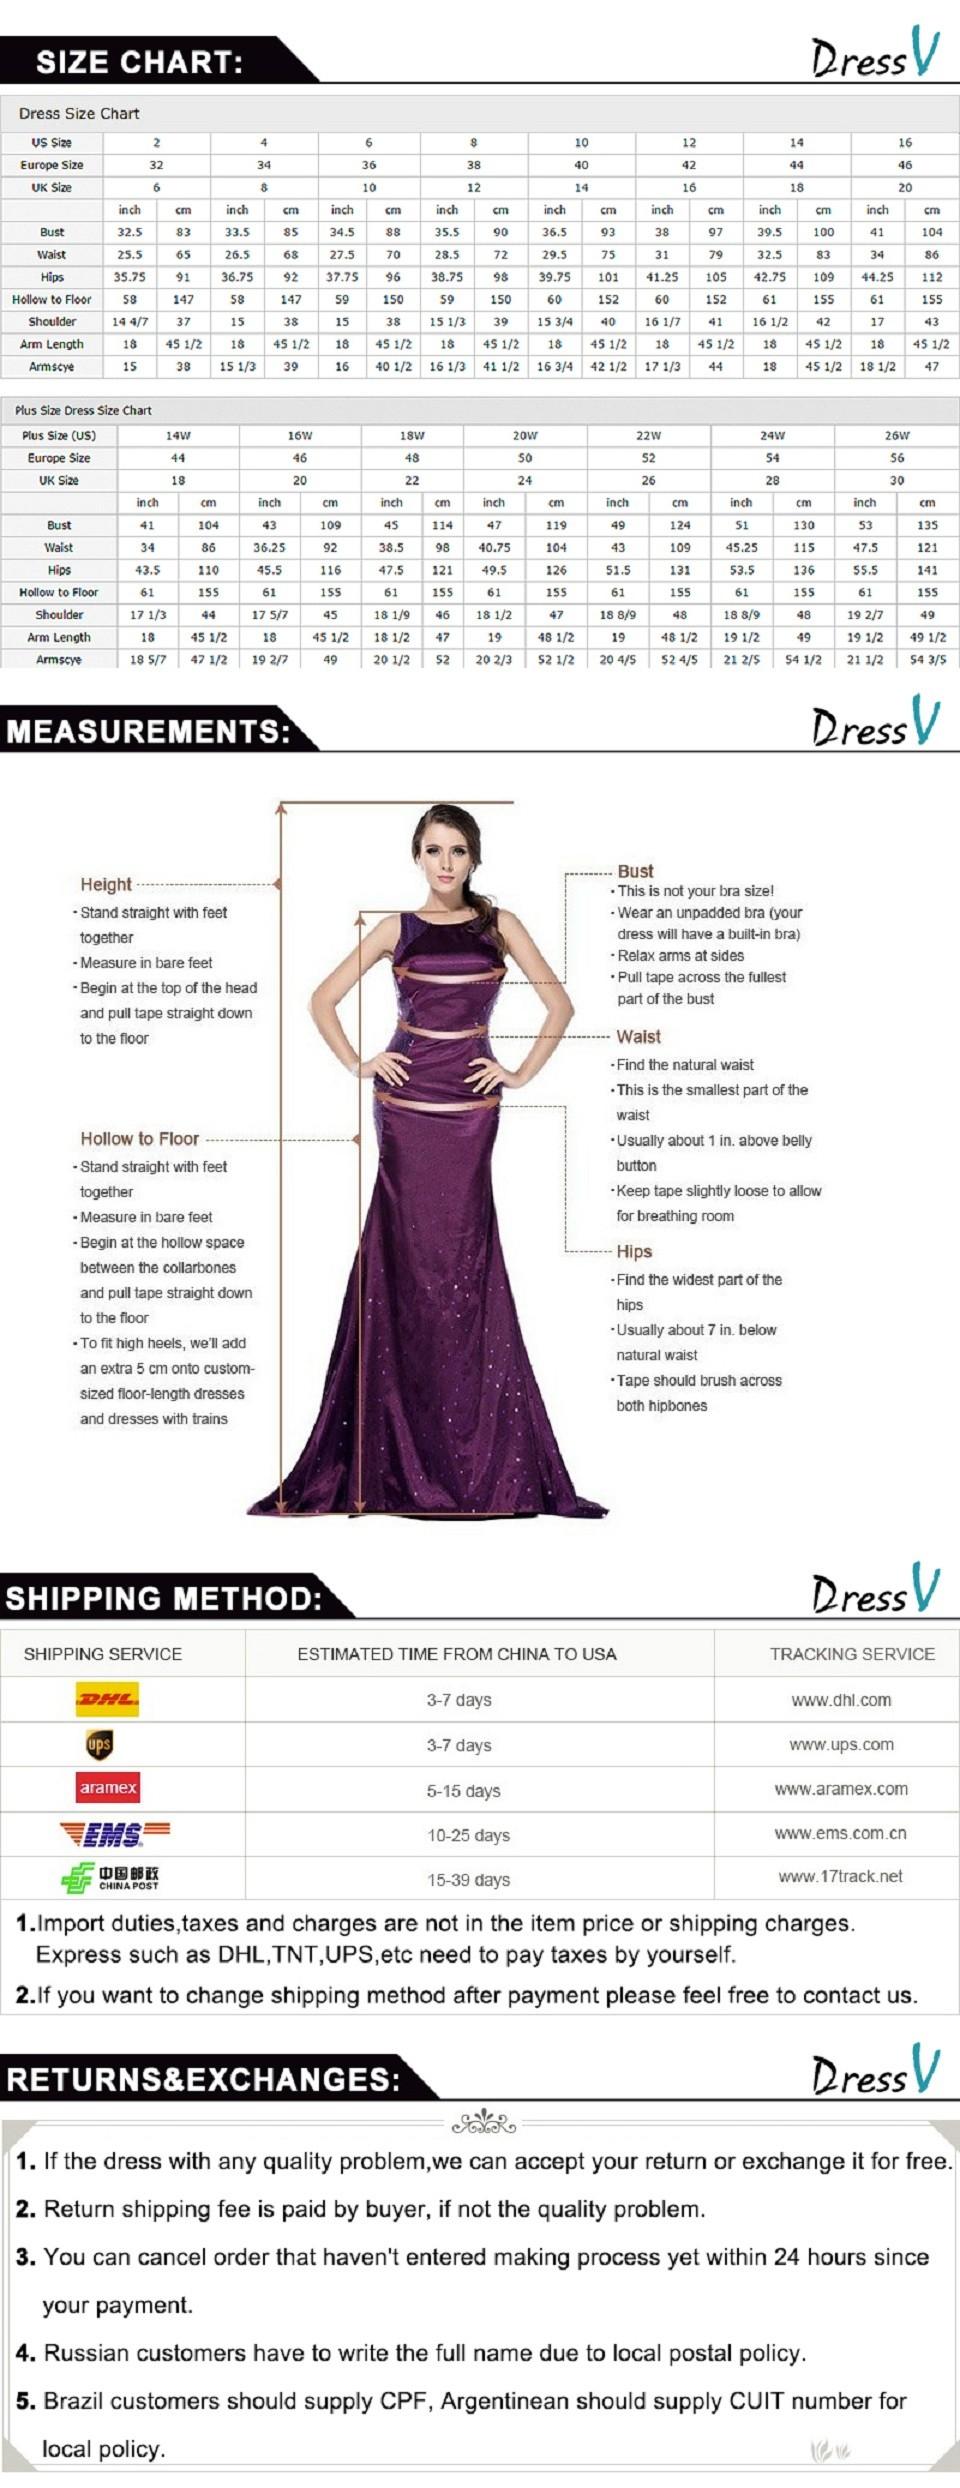 34273d2b2fd26 Mareya Trade - Dressv navy blue knee length jewel neck a line mother ...